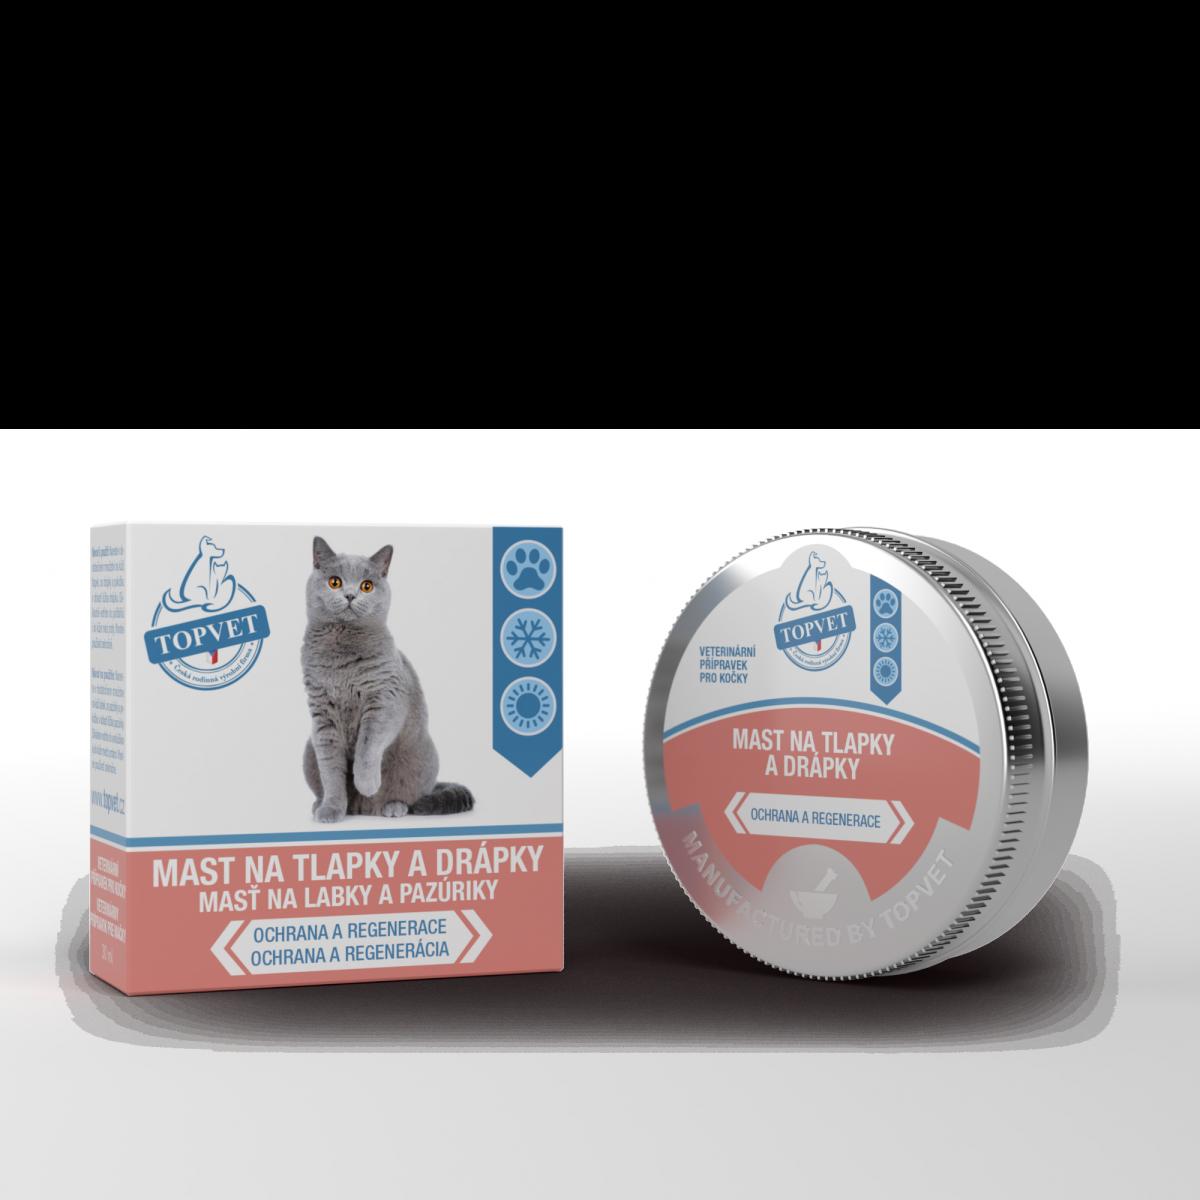 GREEN IDEA Mast na tlapky a drápky pro kočky 30ml